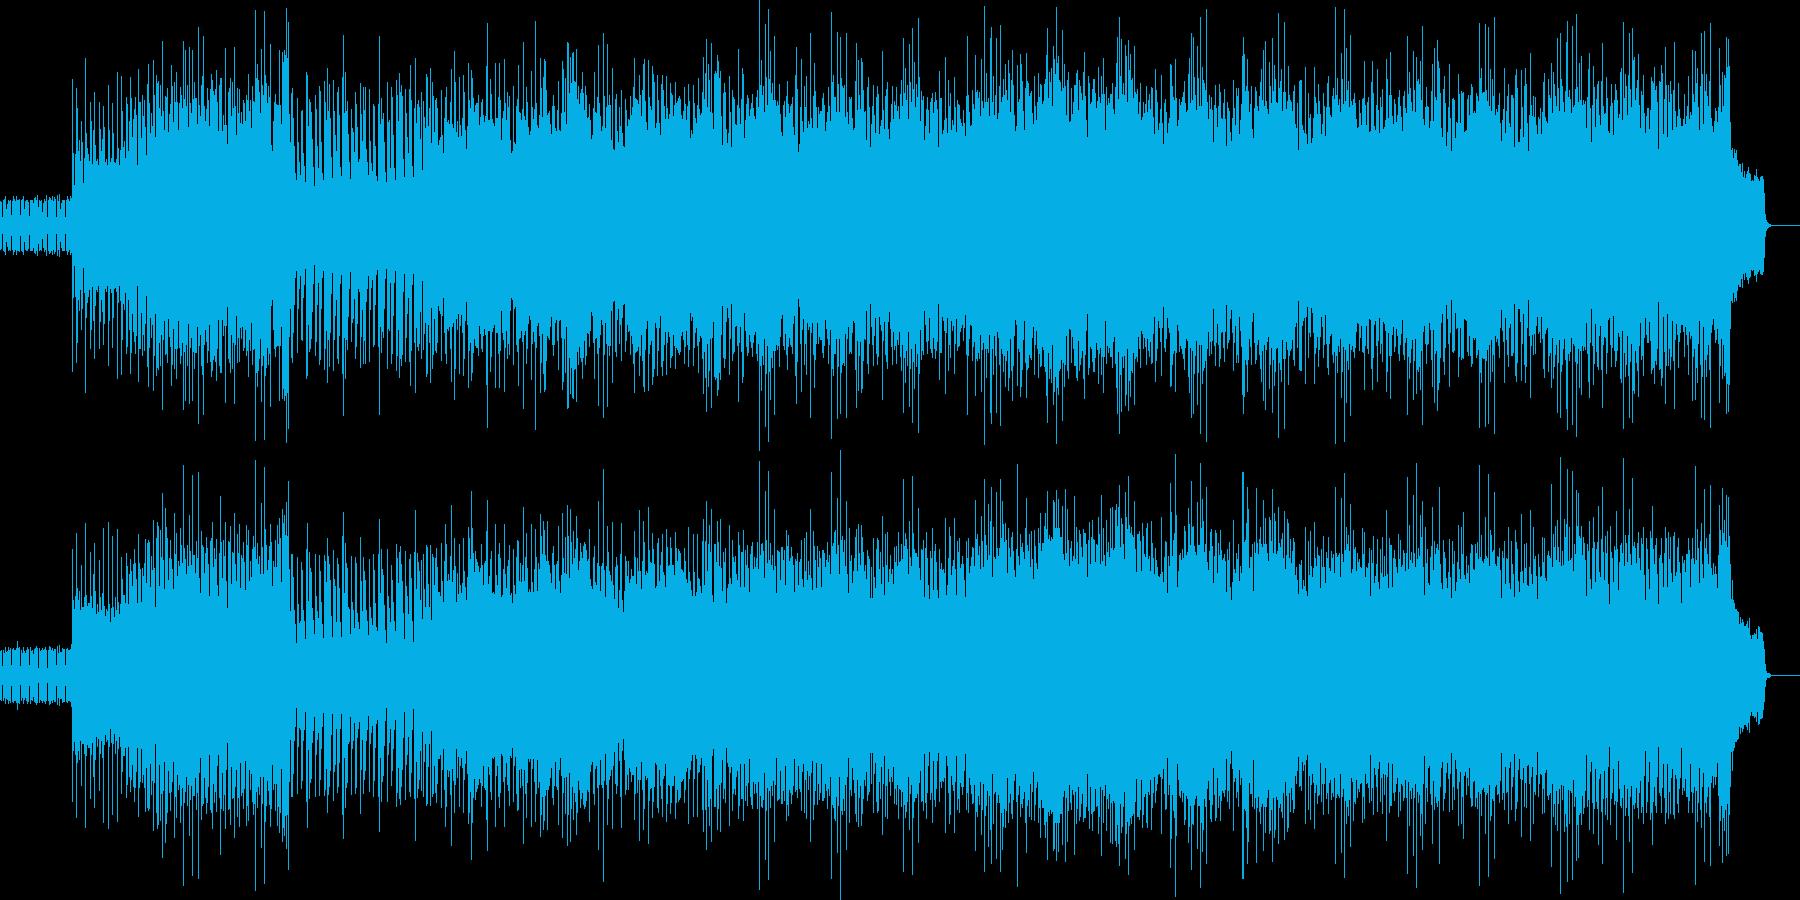 スタイリッシュな和曲の再生済みの波形